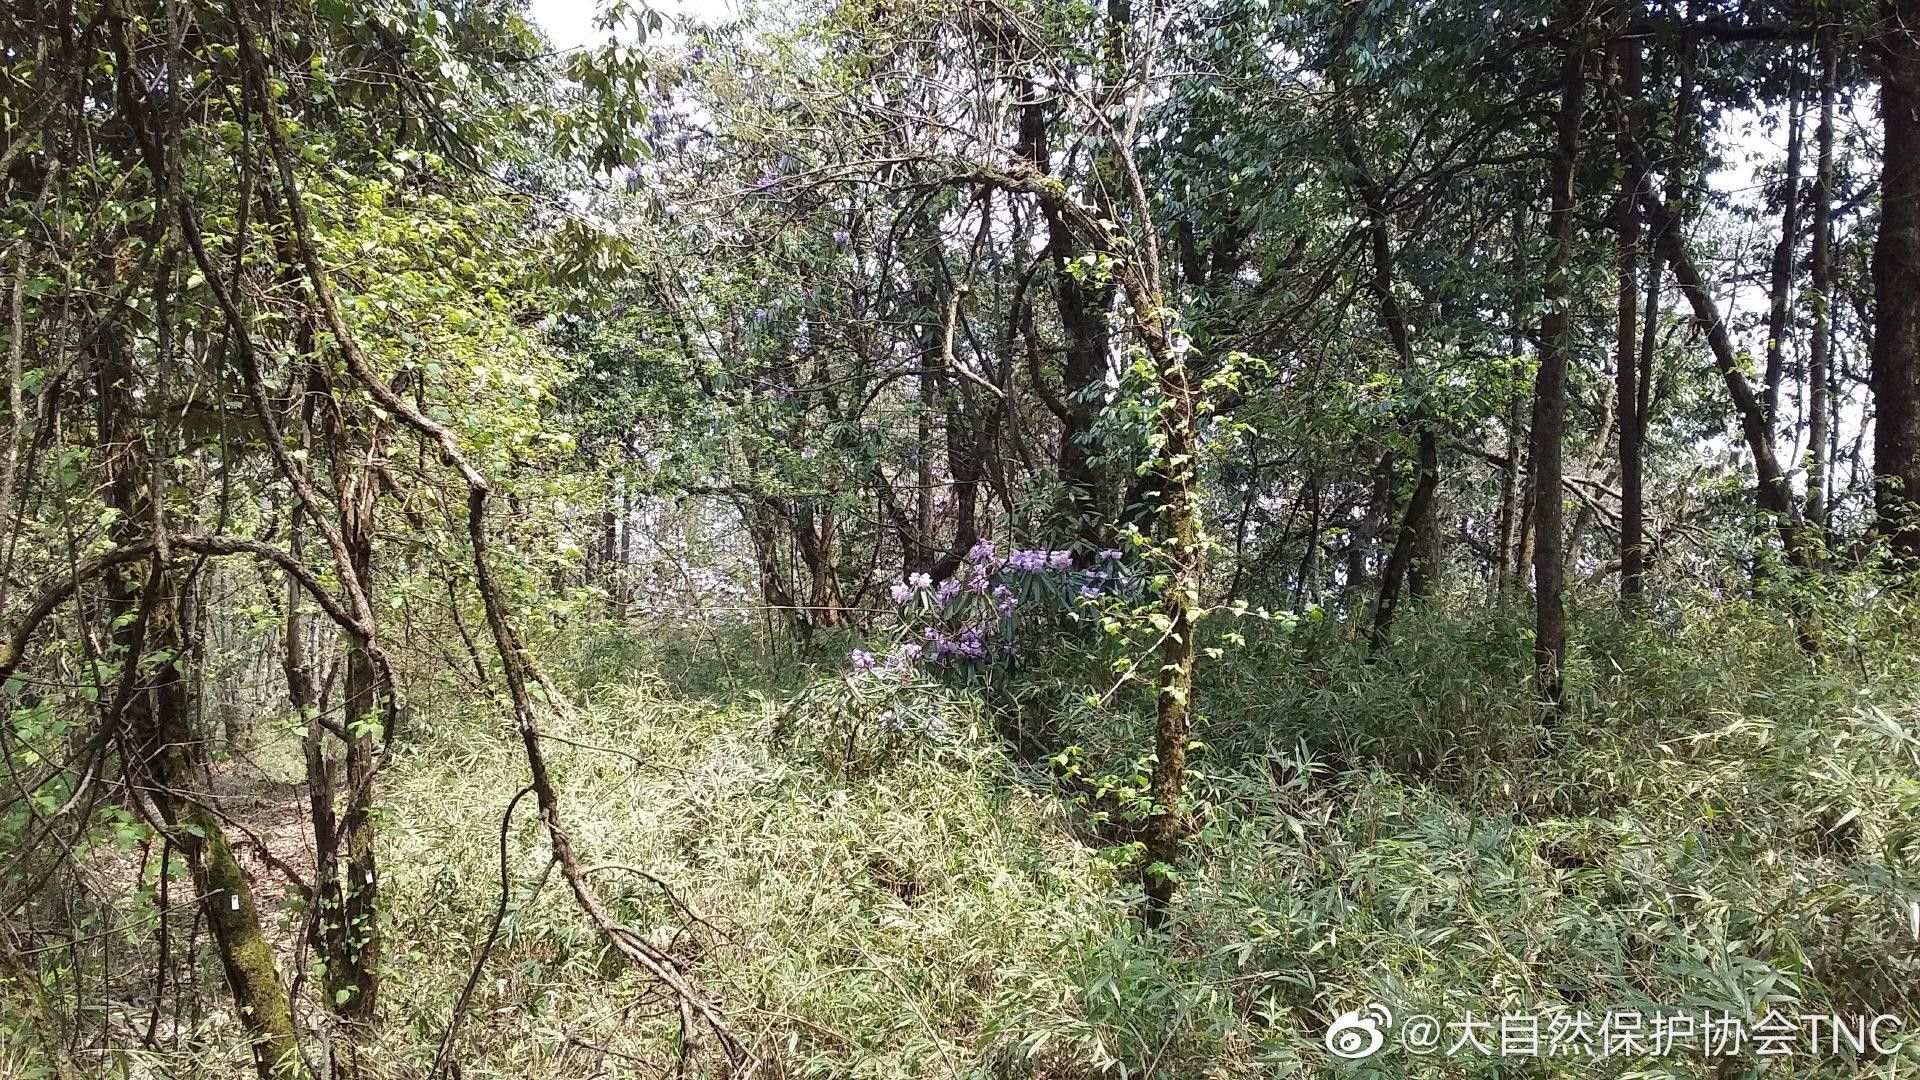 龙溪-虹口国家级自然保护区位于四川省都江堰市北部